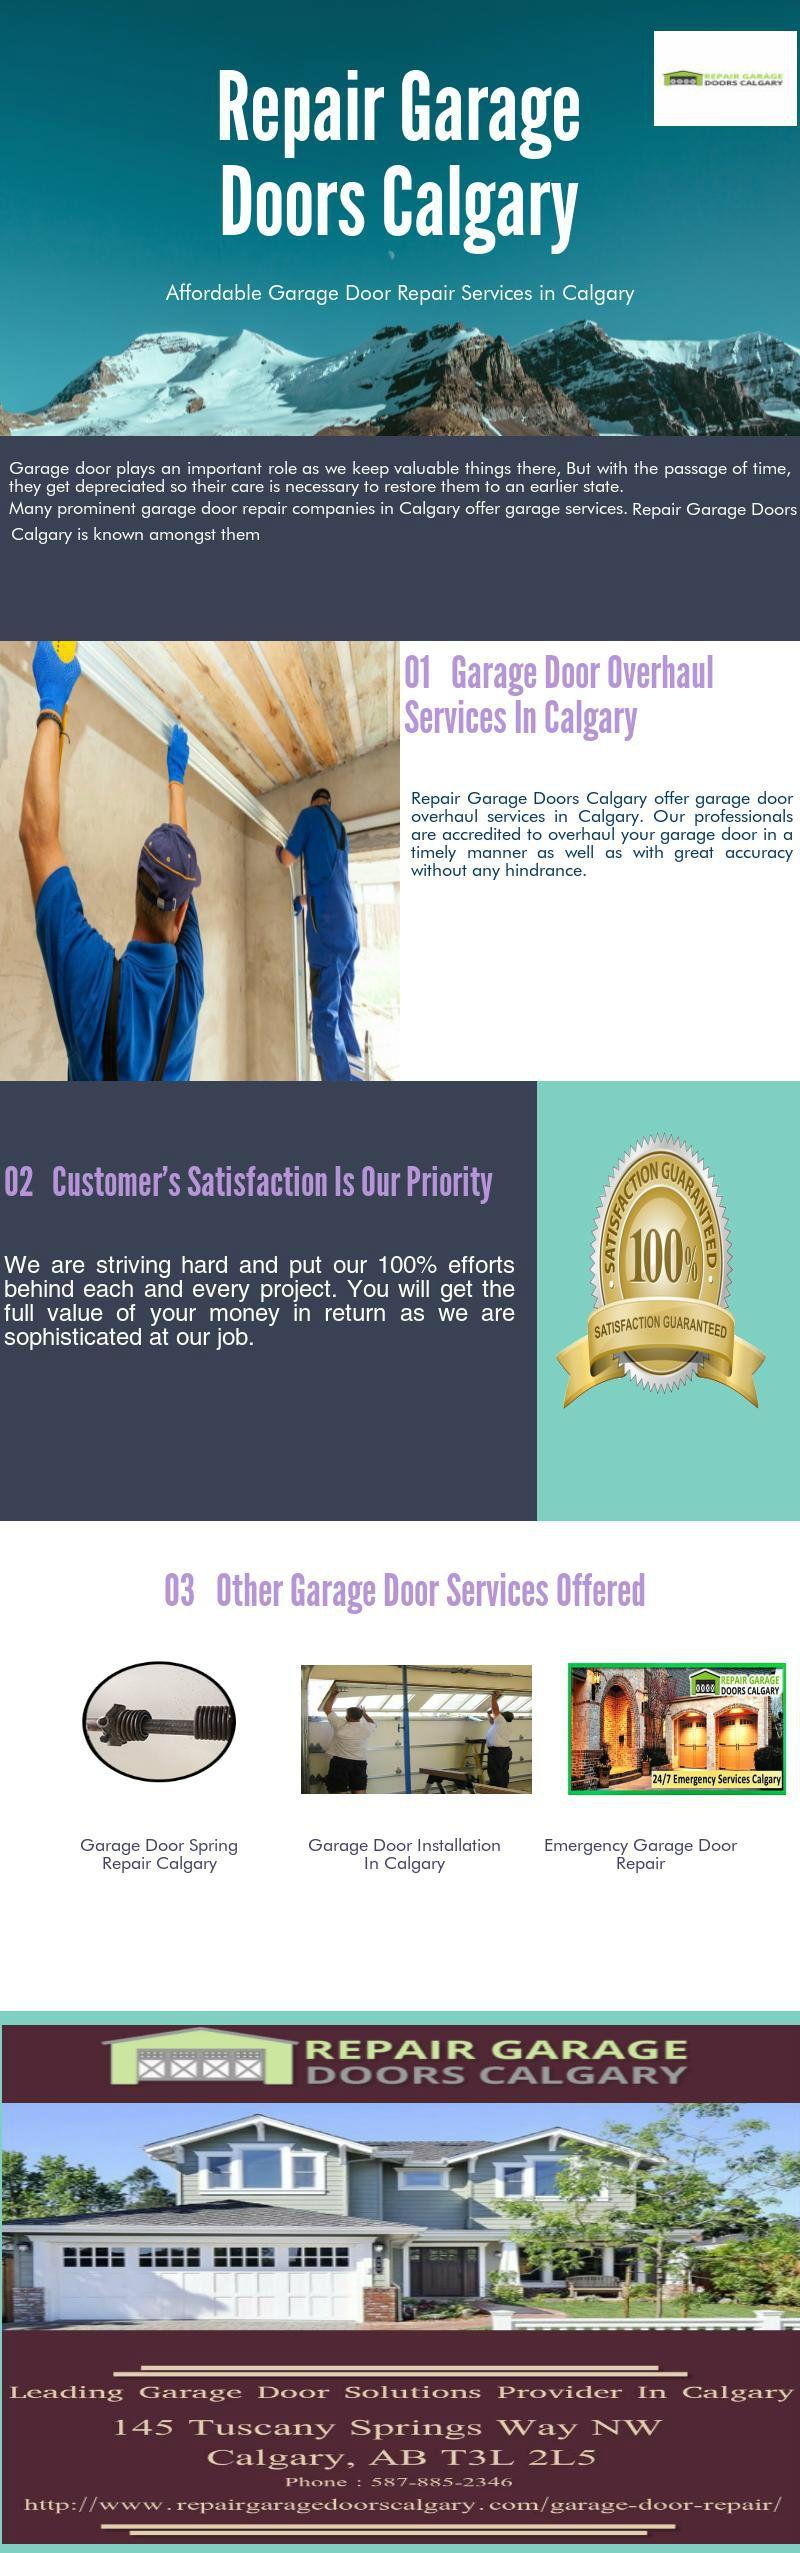 Repair Garage Doors Offer Effective Garage Door Repair Service In